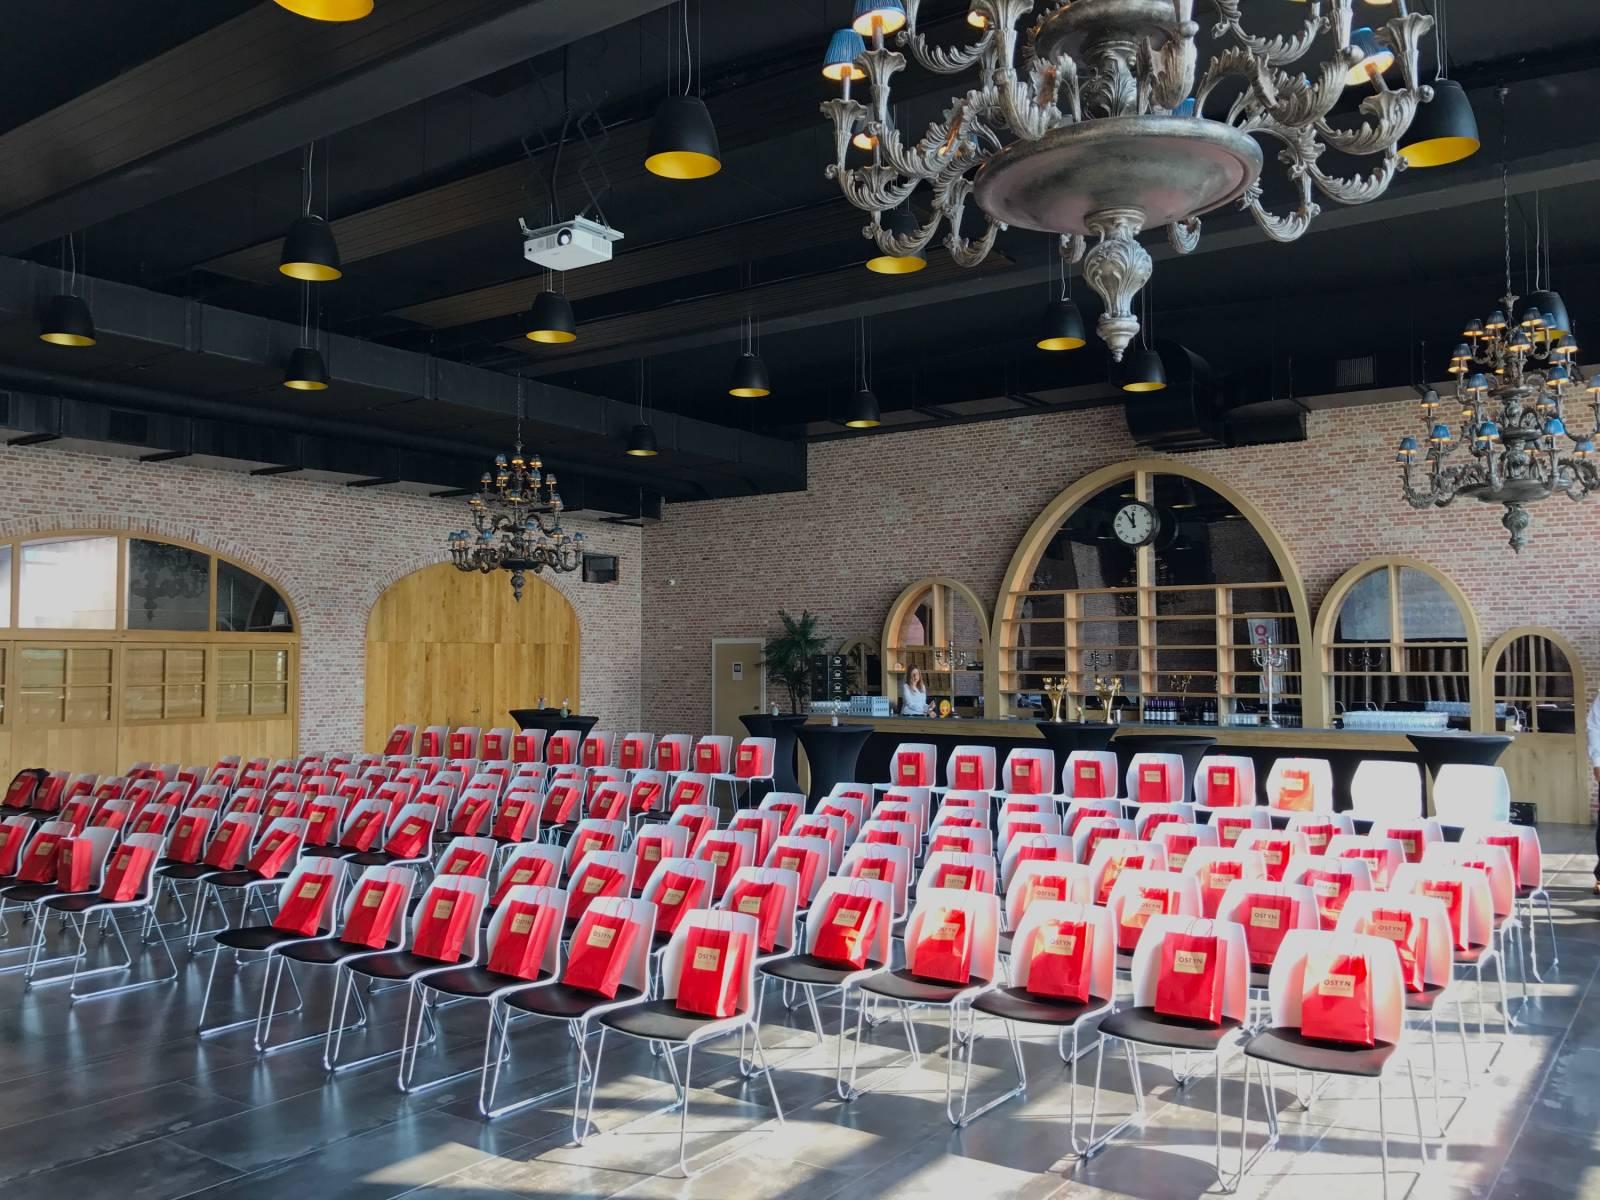 Het Bierkasteel - Feestzaal - Feestlocatie - Brouwerij - Restaurant - Industrieel - Izegem (West-Vlaanderen) - House of Events - 14